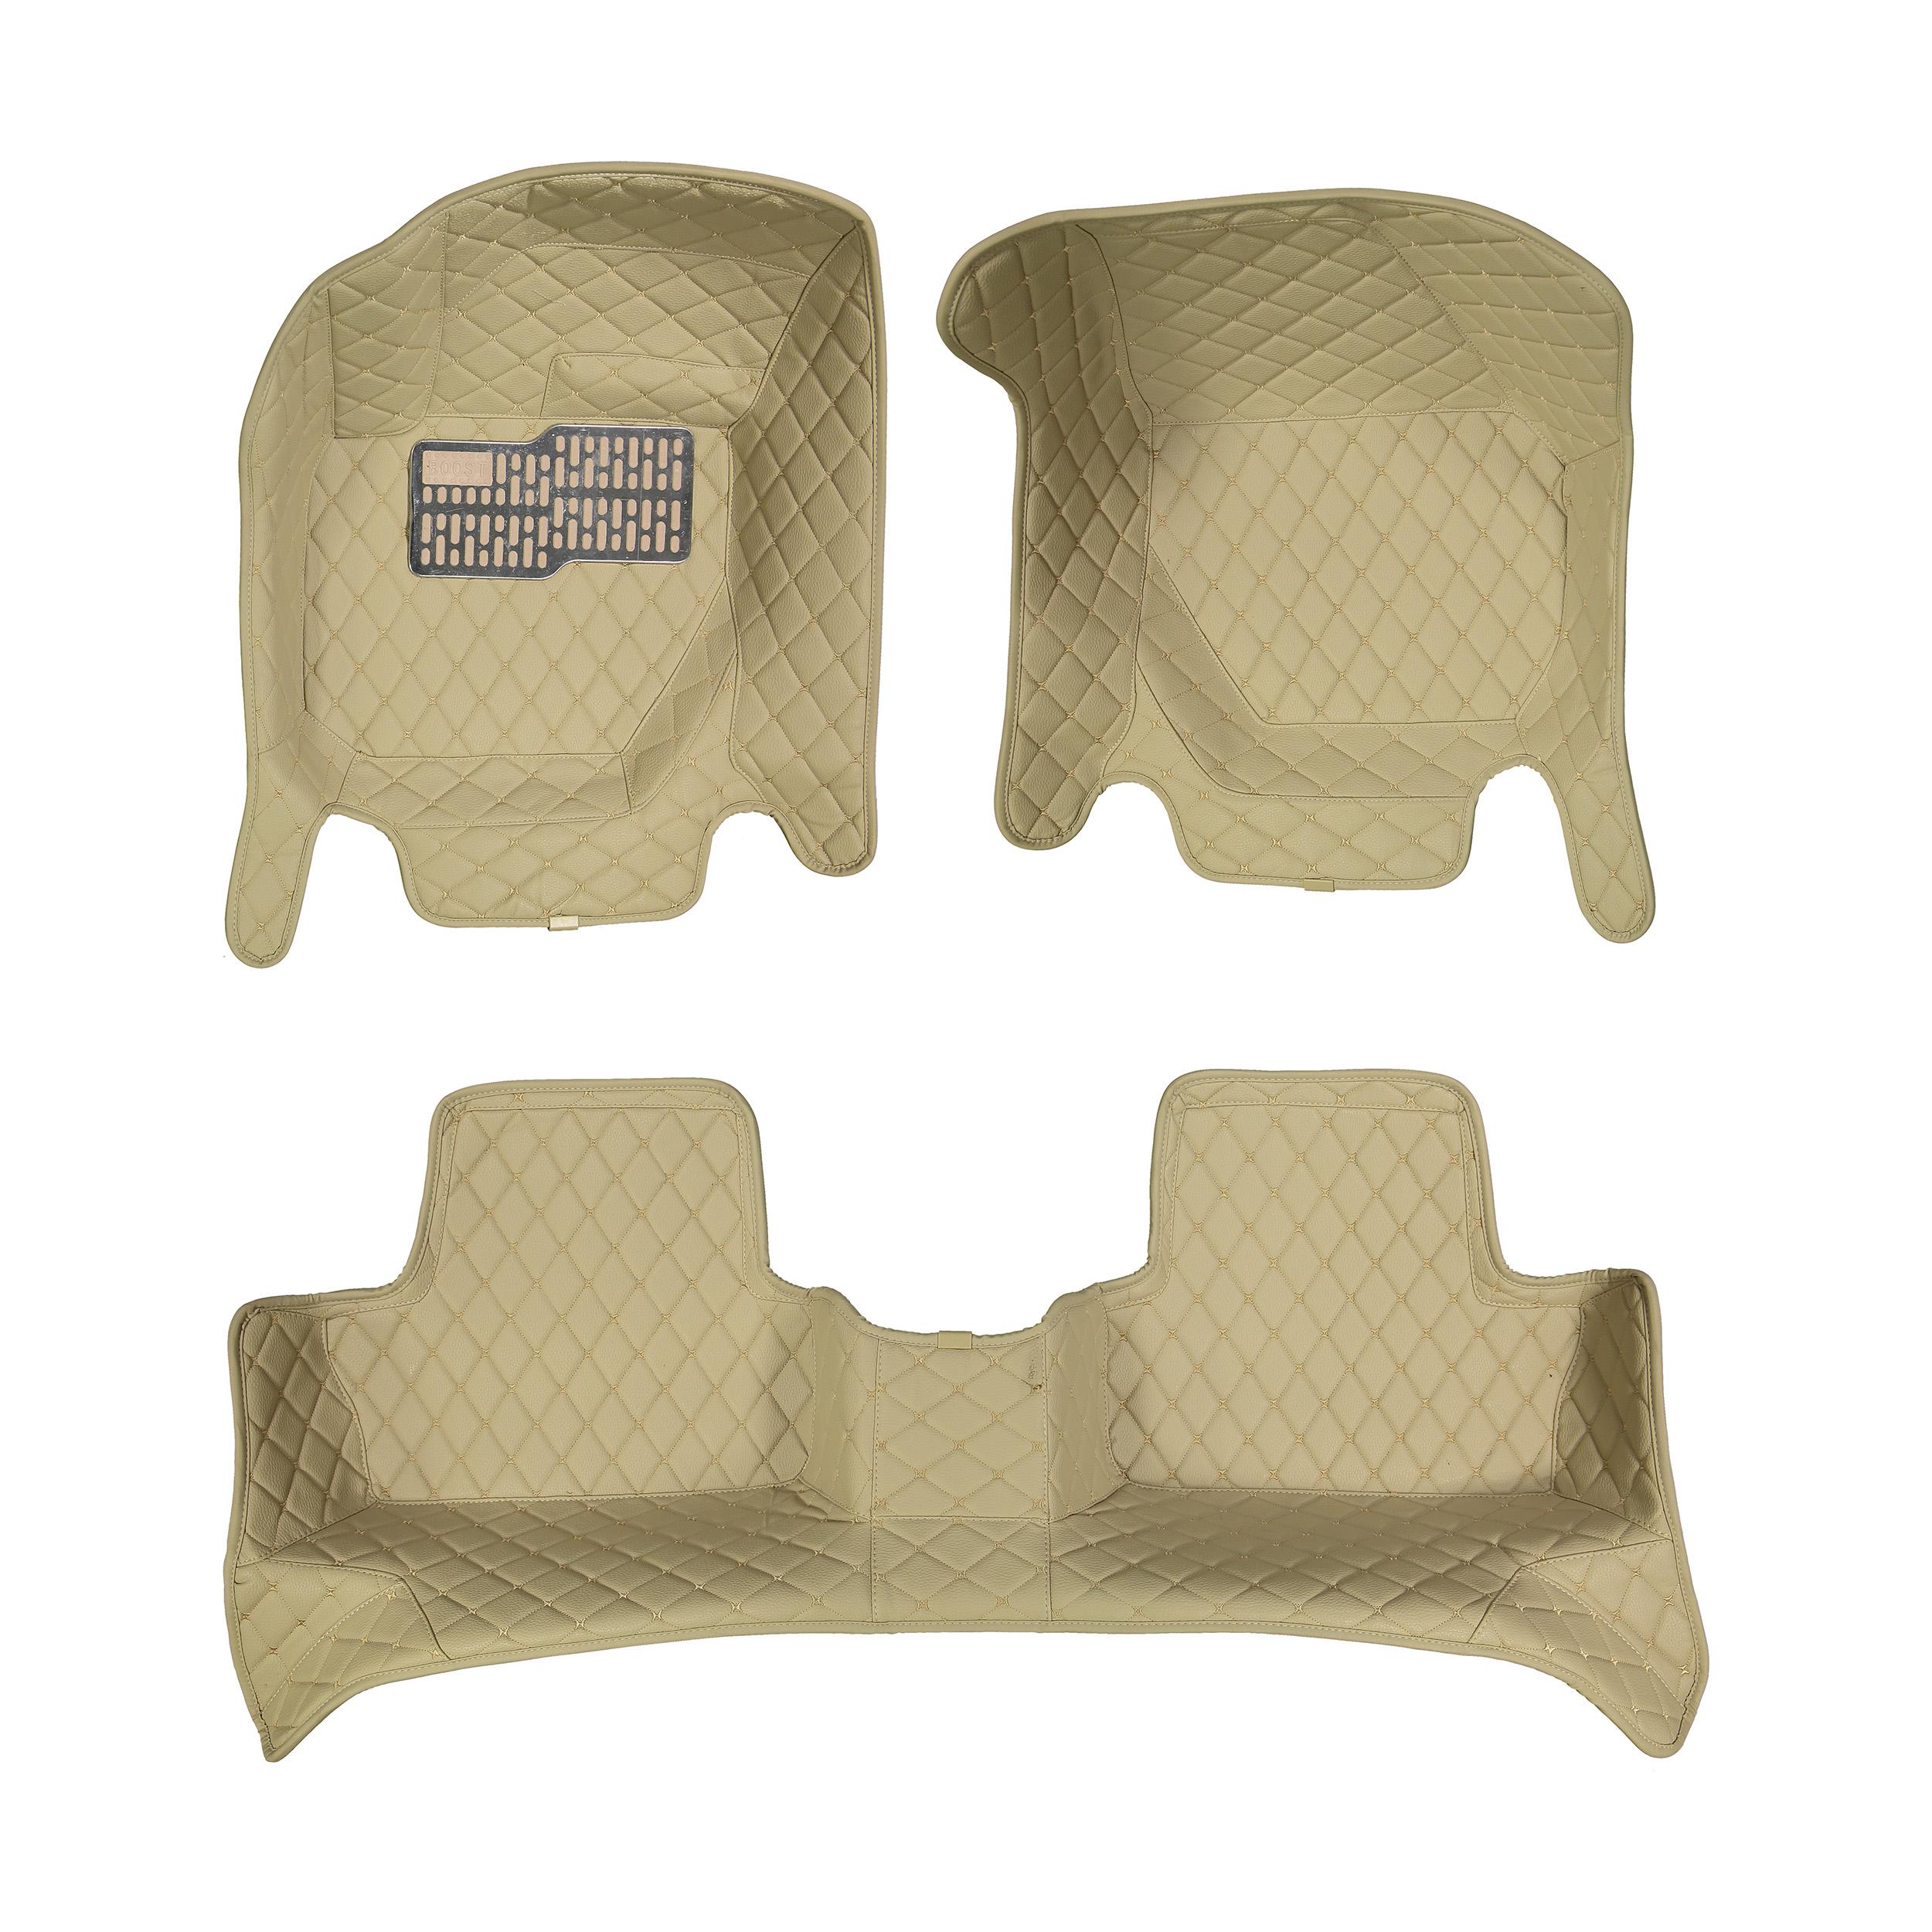 کف پوش خودرو بوست کد 001 مناسب برای خودرو ولوو XC60